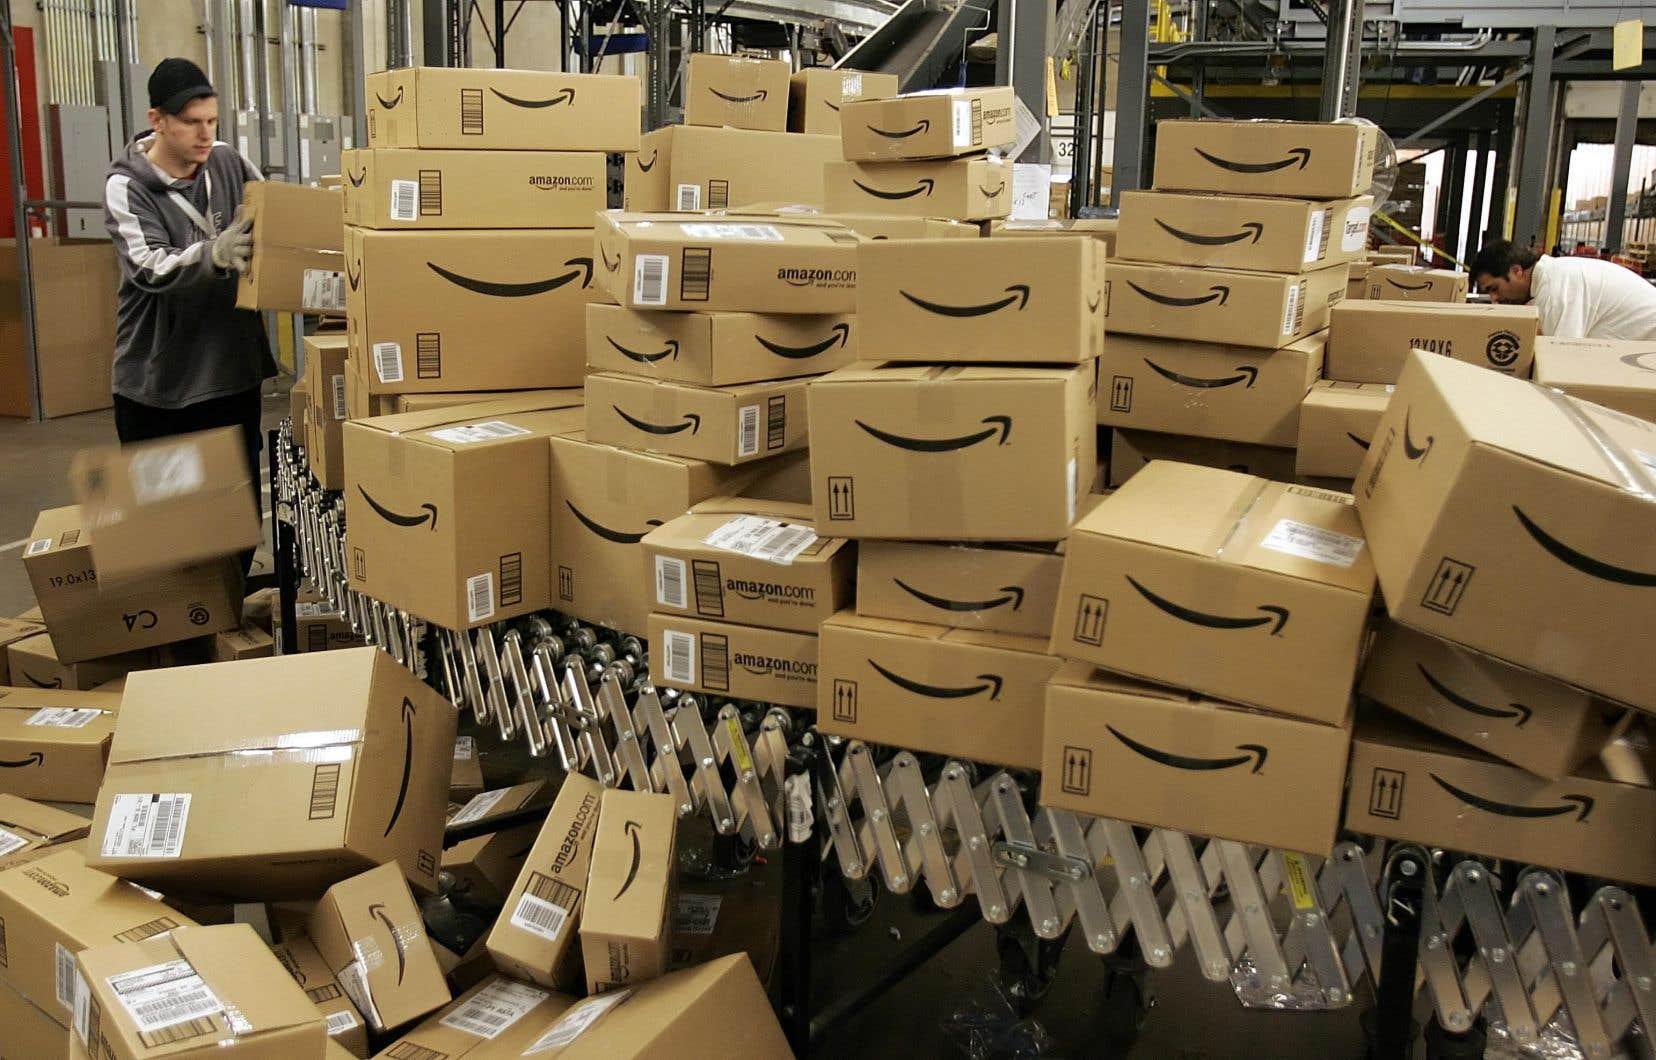 Le site de la compagnie Amazon représente à lui seul 15% de tous les montants dépensés.